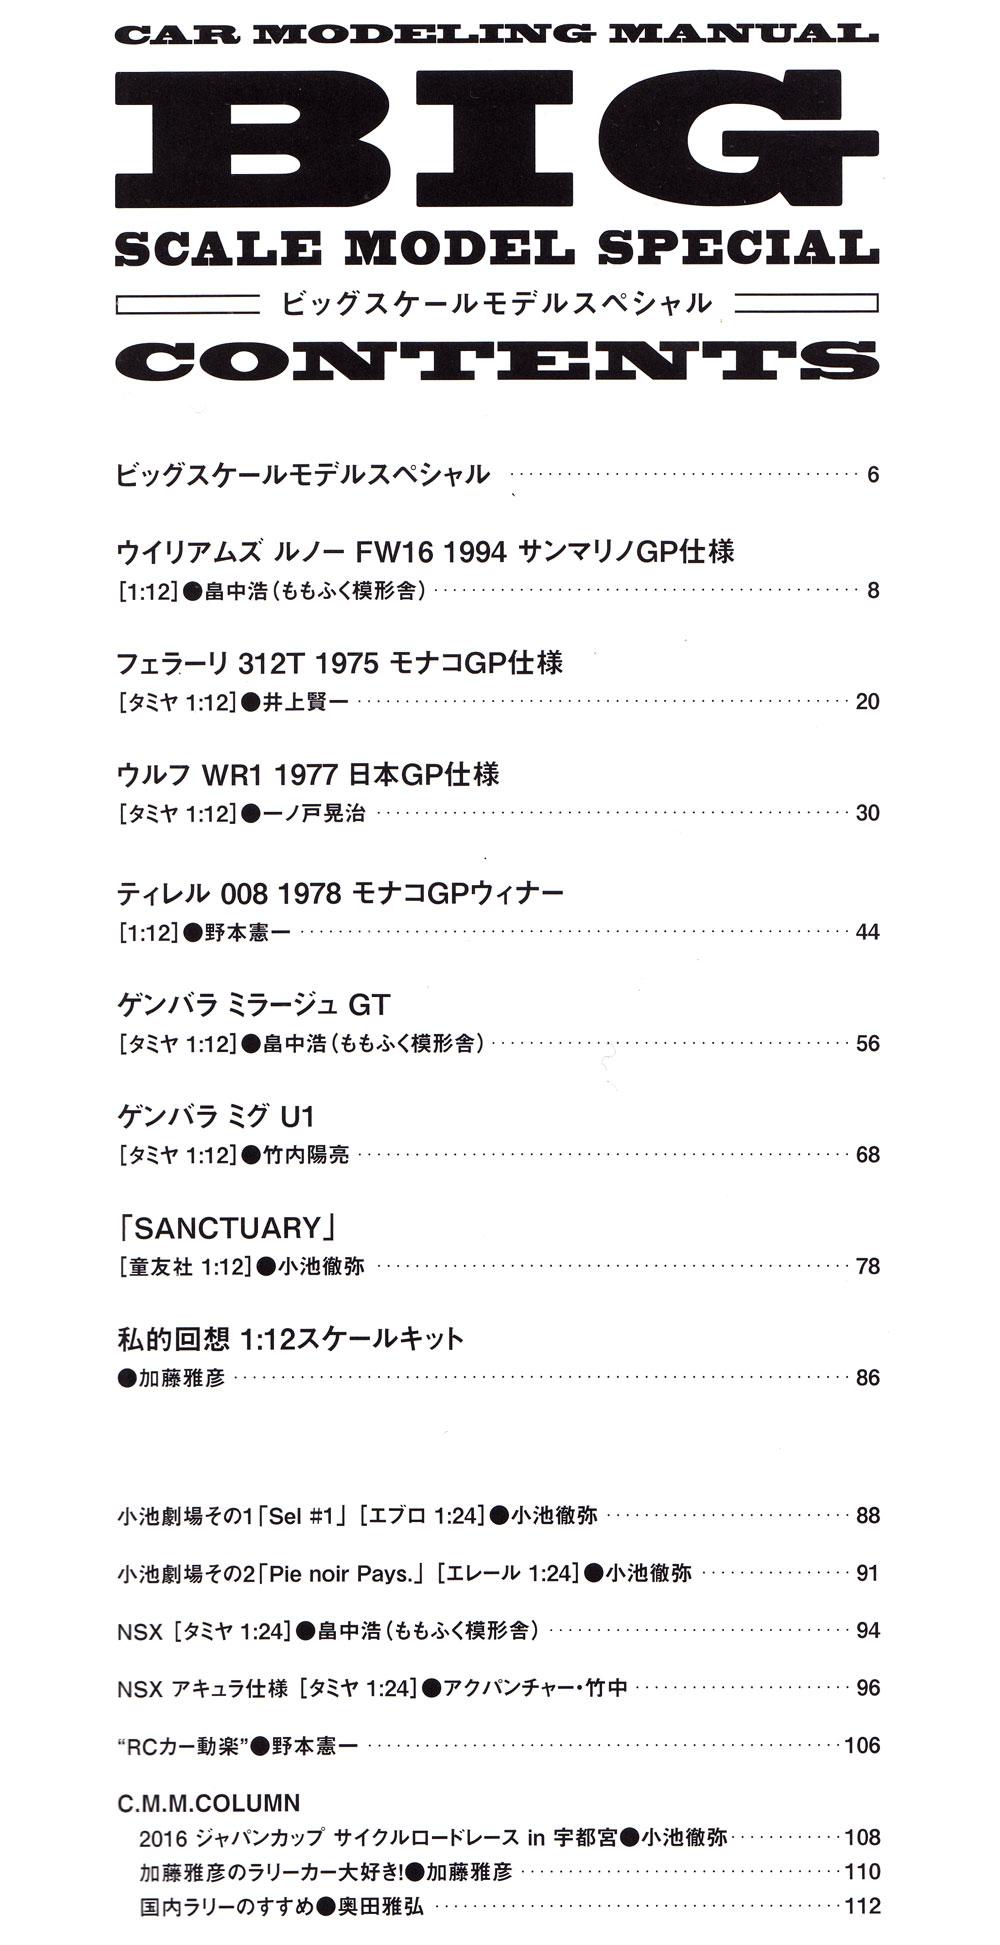 カーモデリングマニュアル ビッグスケールモデル スペシャル本(ホビージャパンカーモデリングマニュアルNo.68148-78)商品画像_1